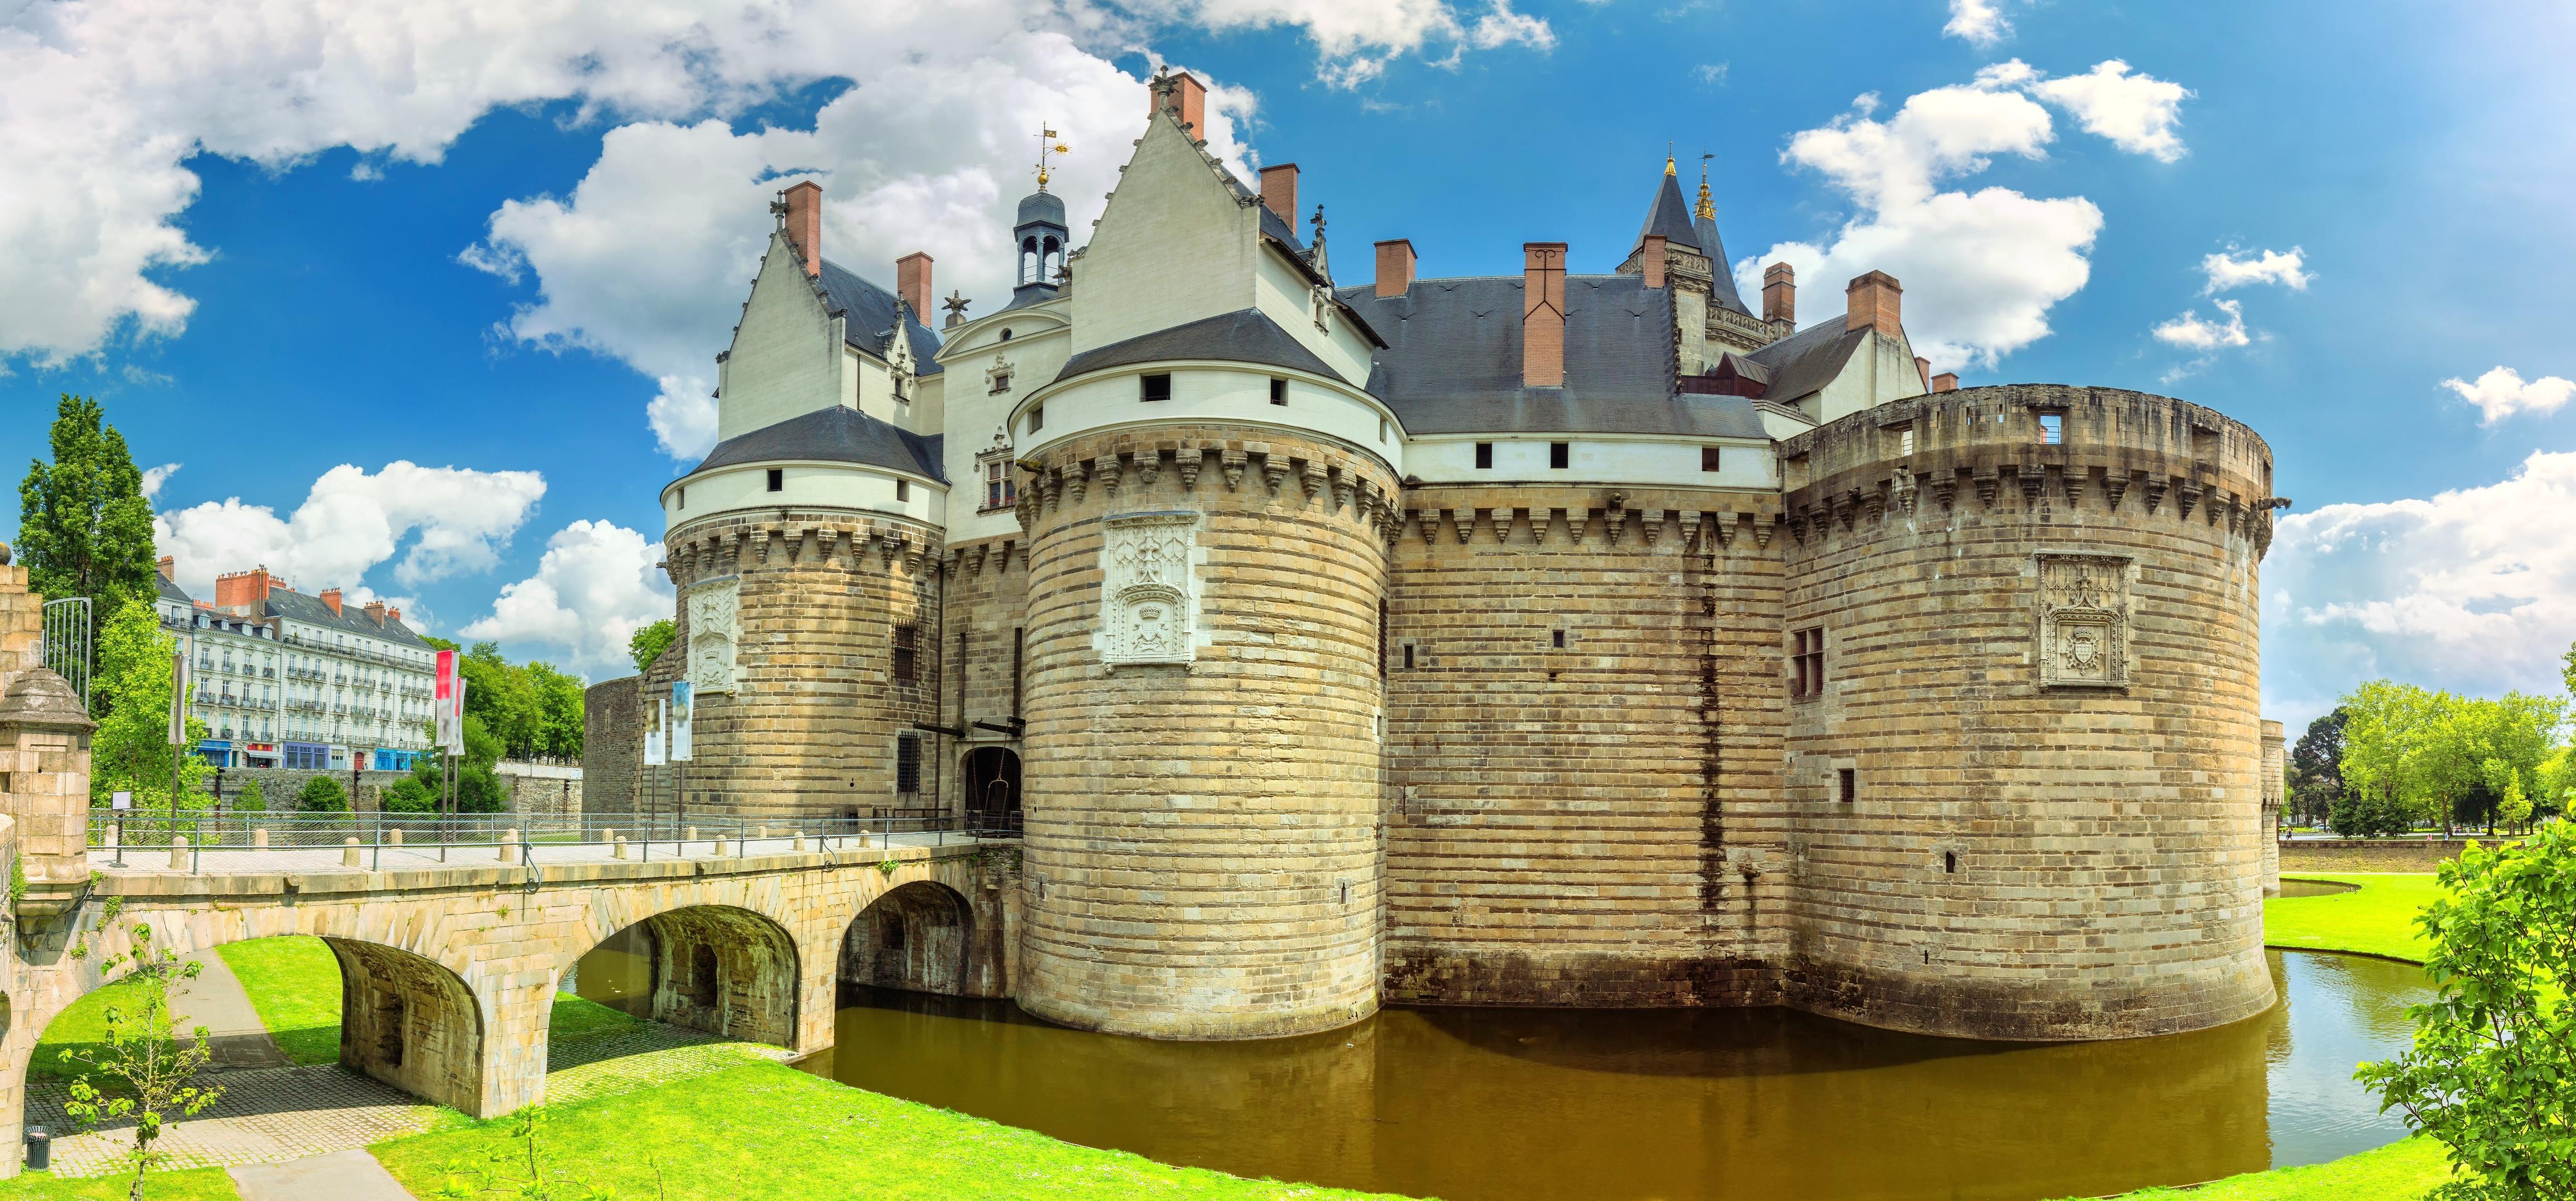 布列塔尼公爵城堡